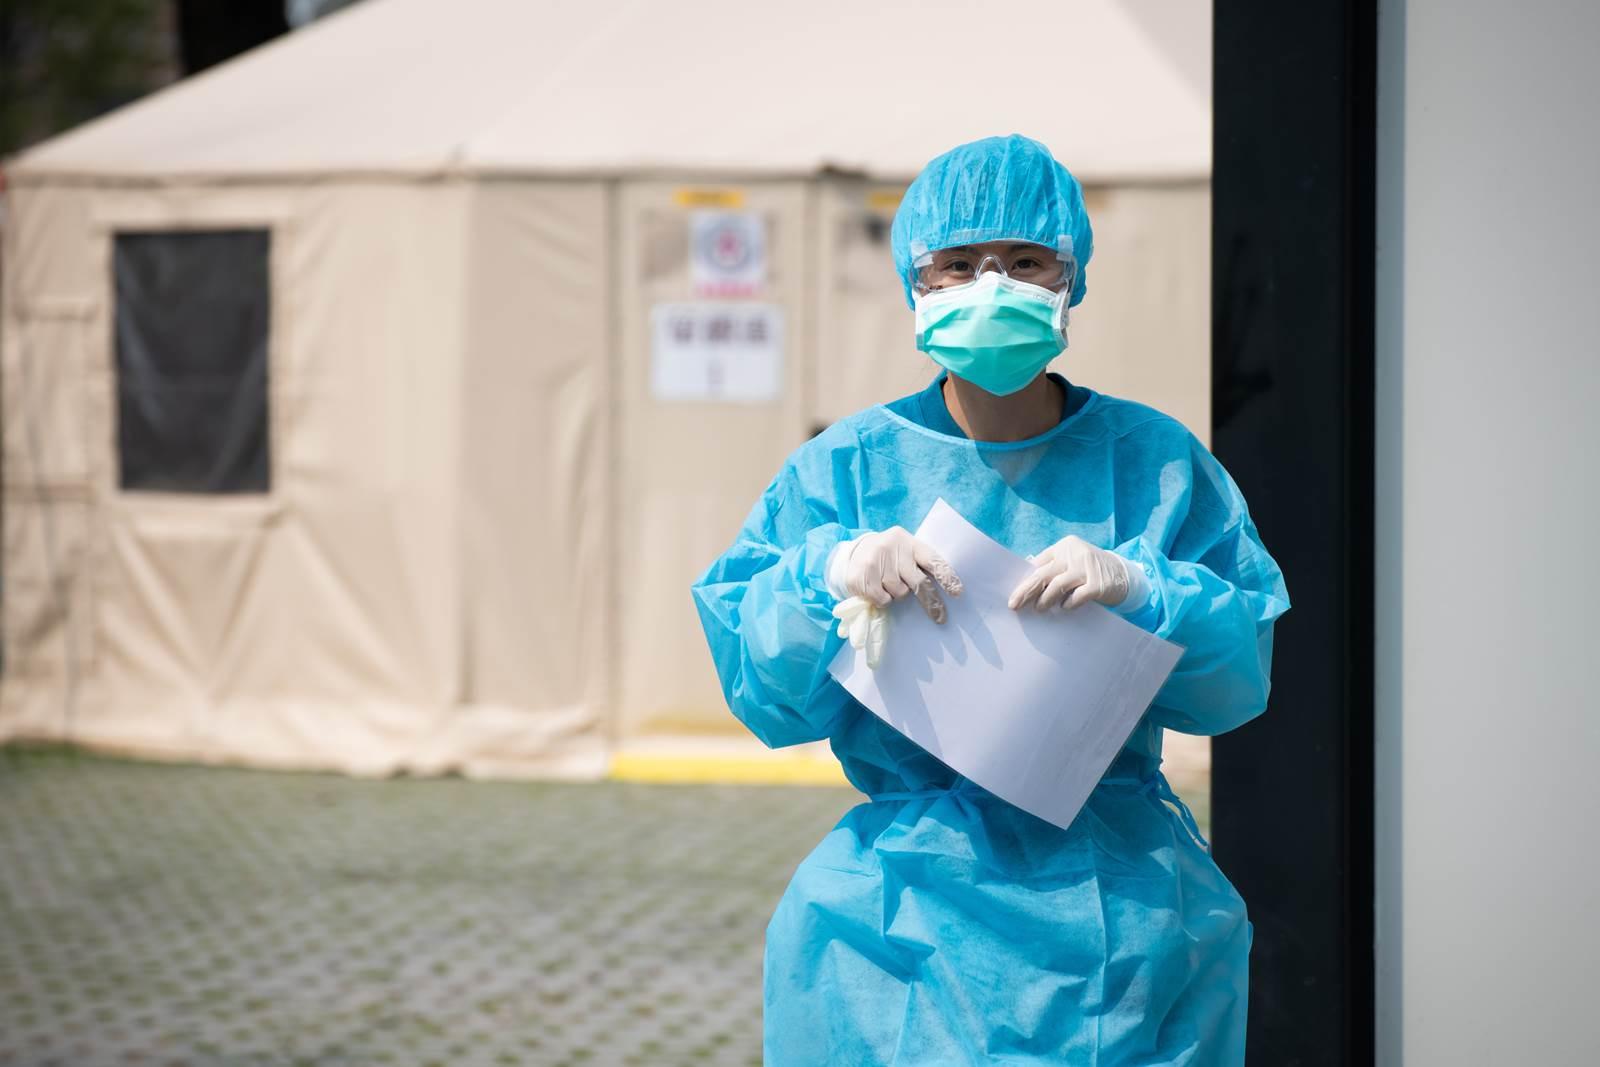 出現失去味覺、嗅覺等非典型症狀的新冠肺炎患者難以察覺。台南成大醫院主打科技防疫,藉過往經驗結合AI科技以篩出非典型症狀的患者。